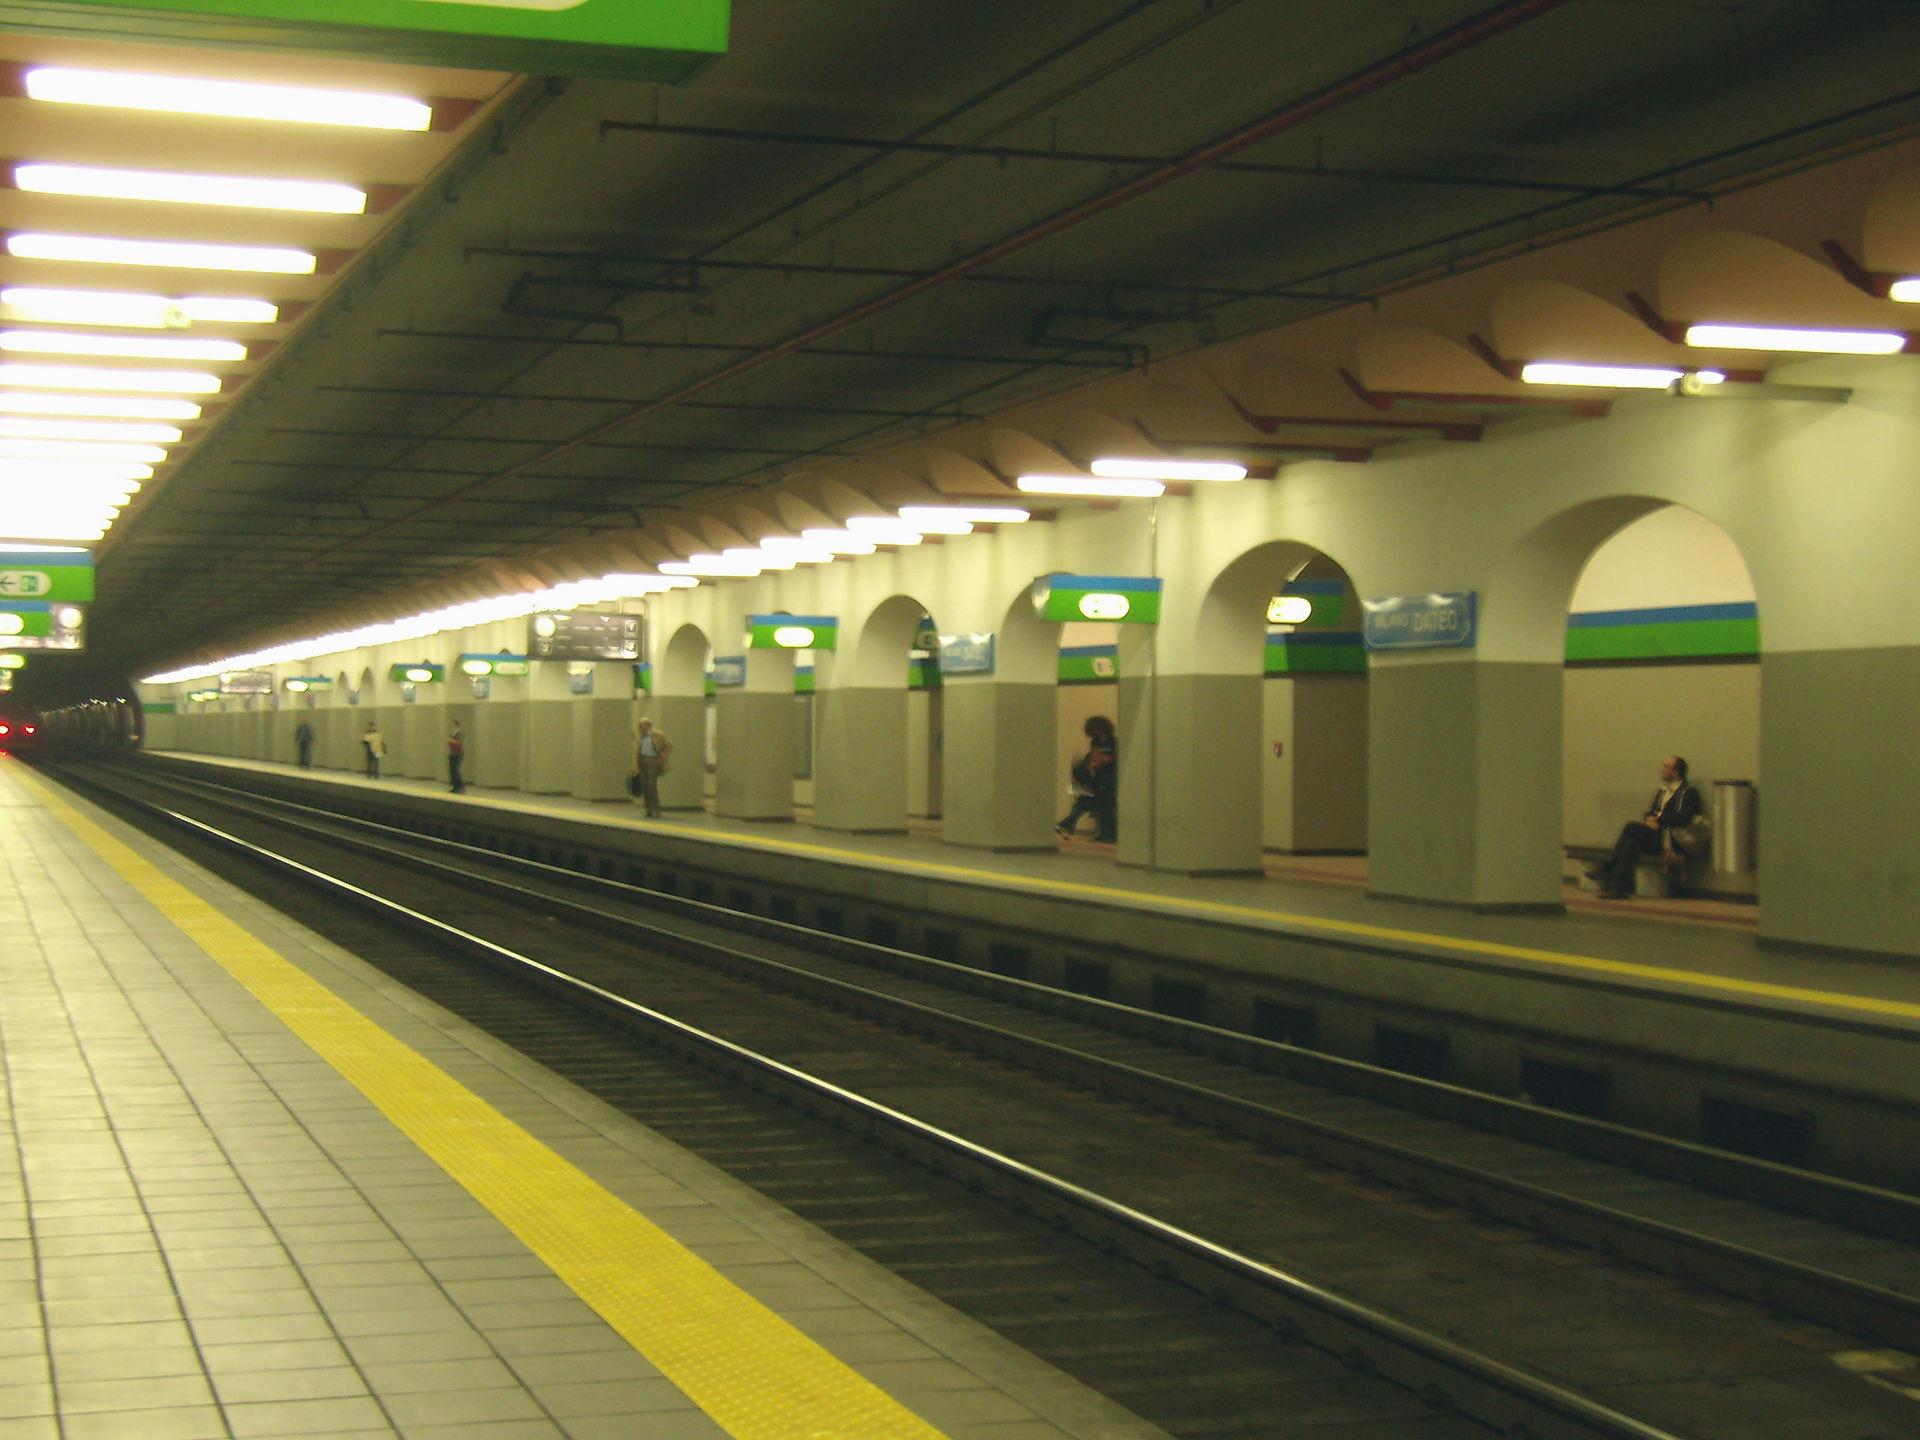 Stazione di milano dateo wikipedia - Milano porta garibaldi passante mappa ...